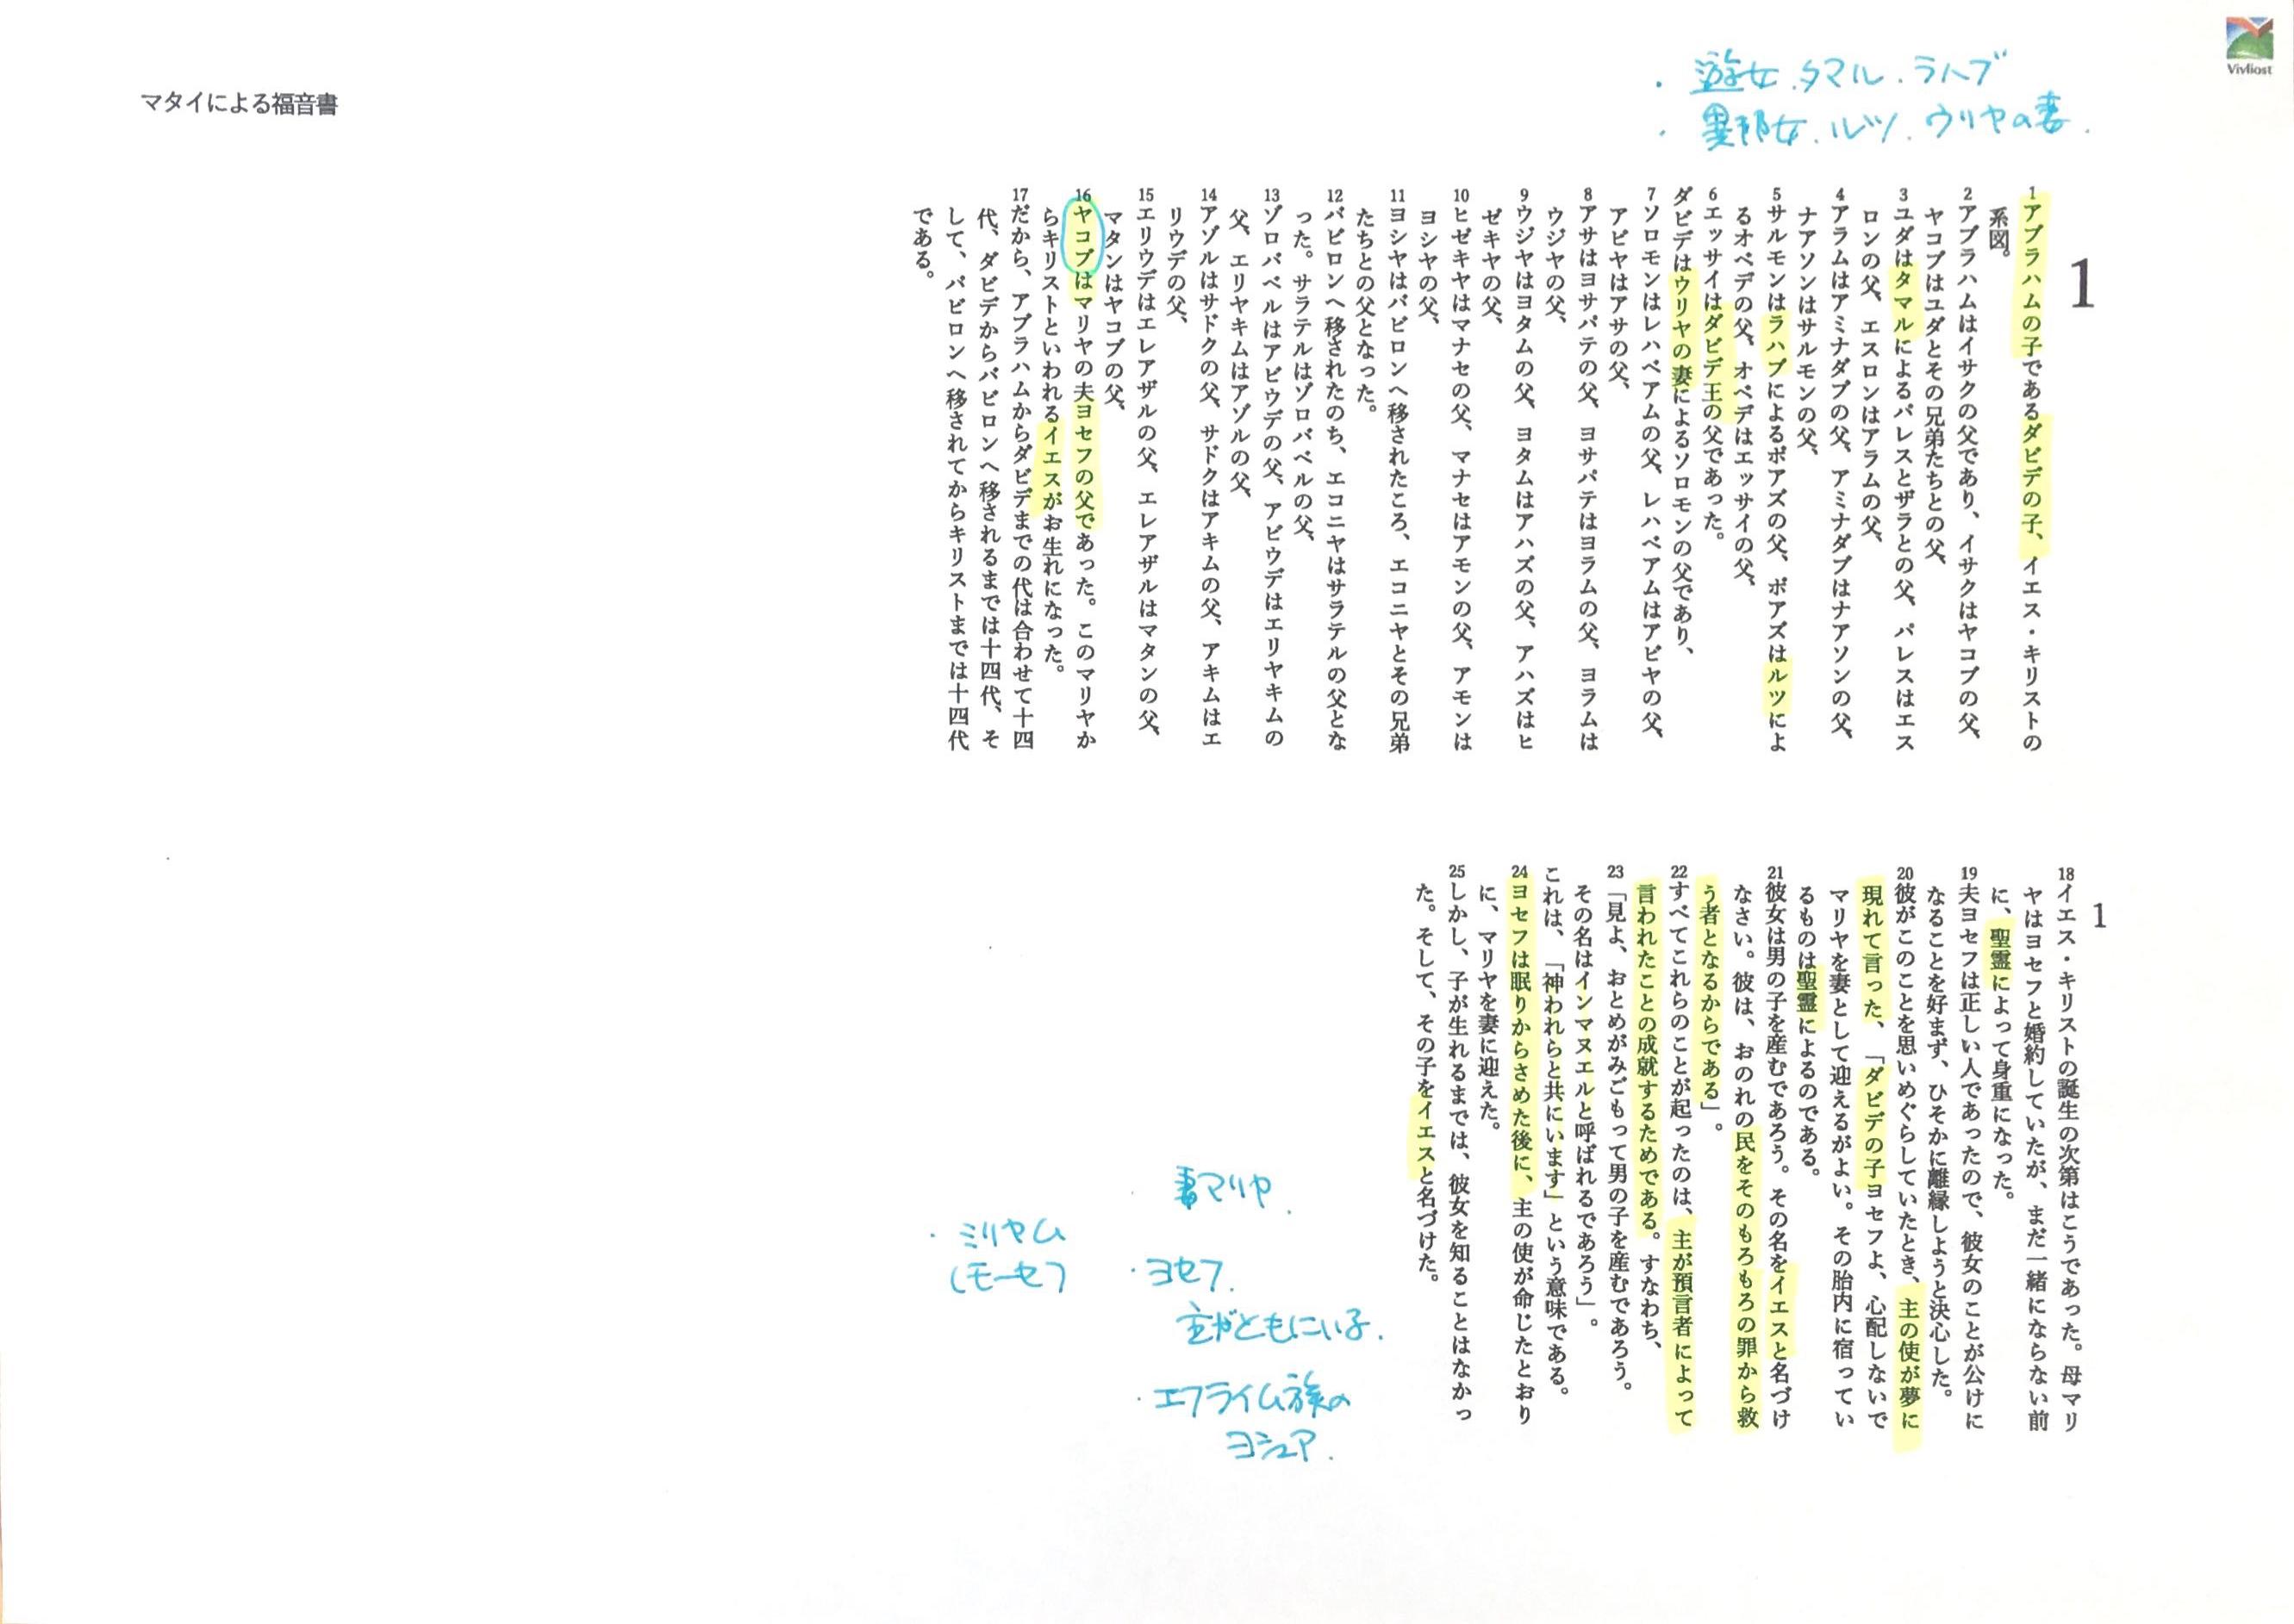 マタイ福音書 1-4章の構造分析